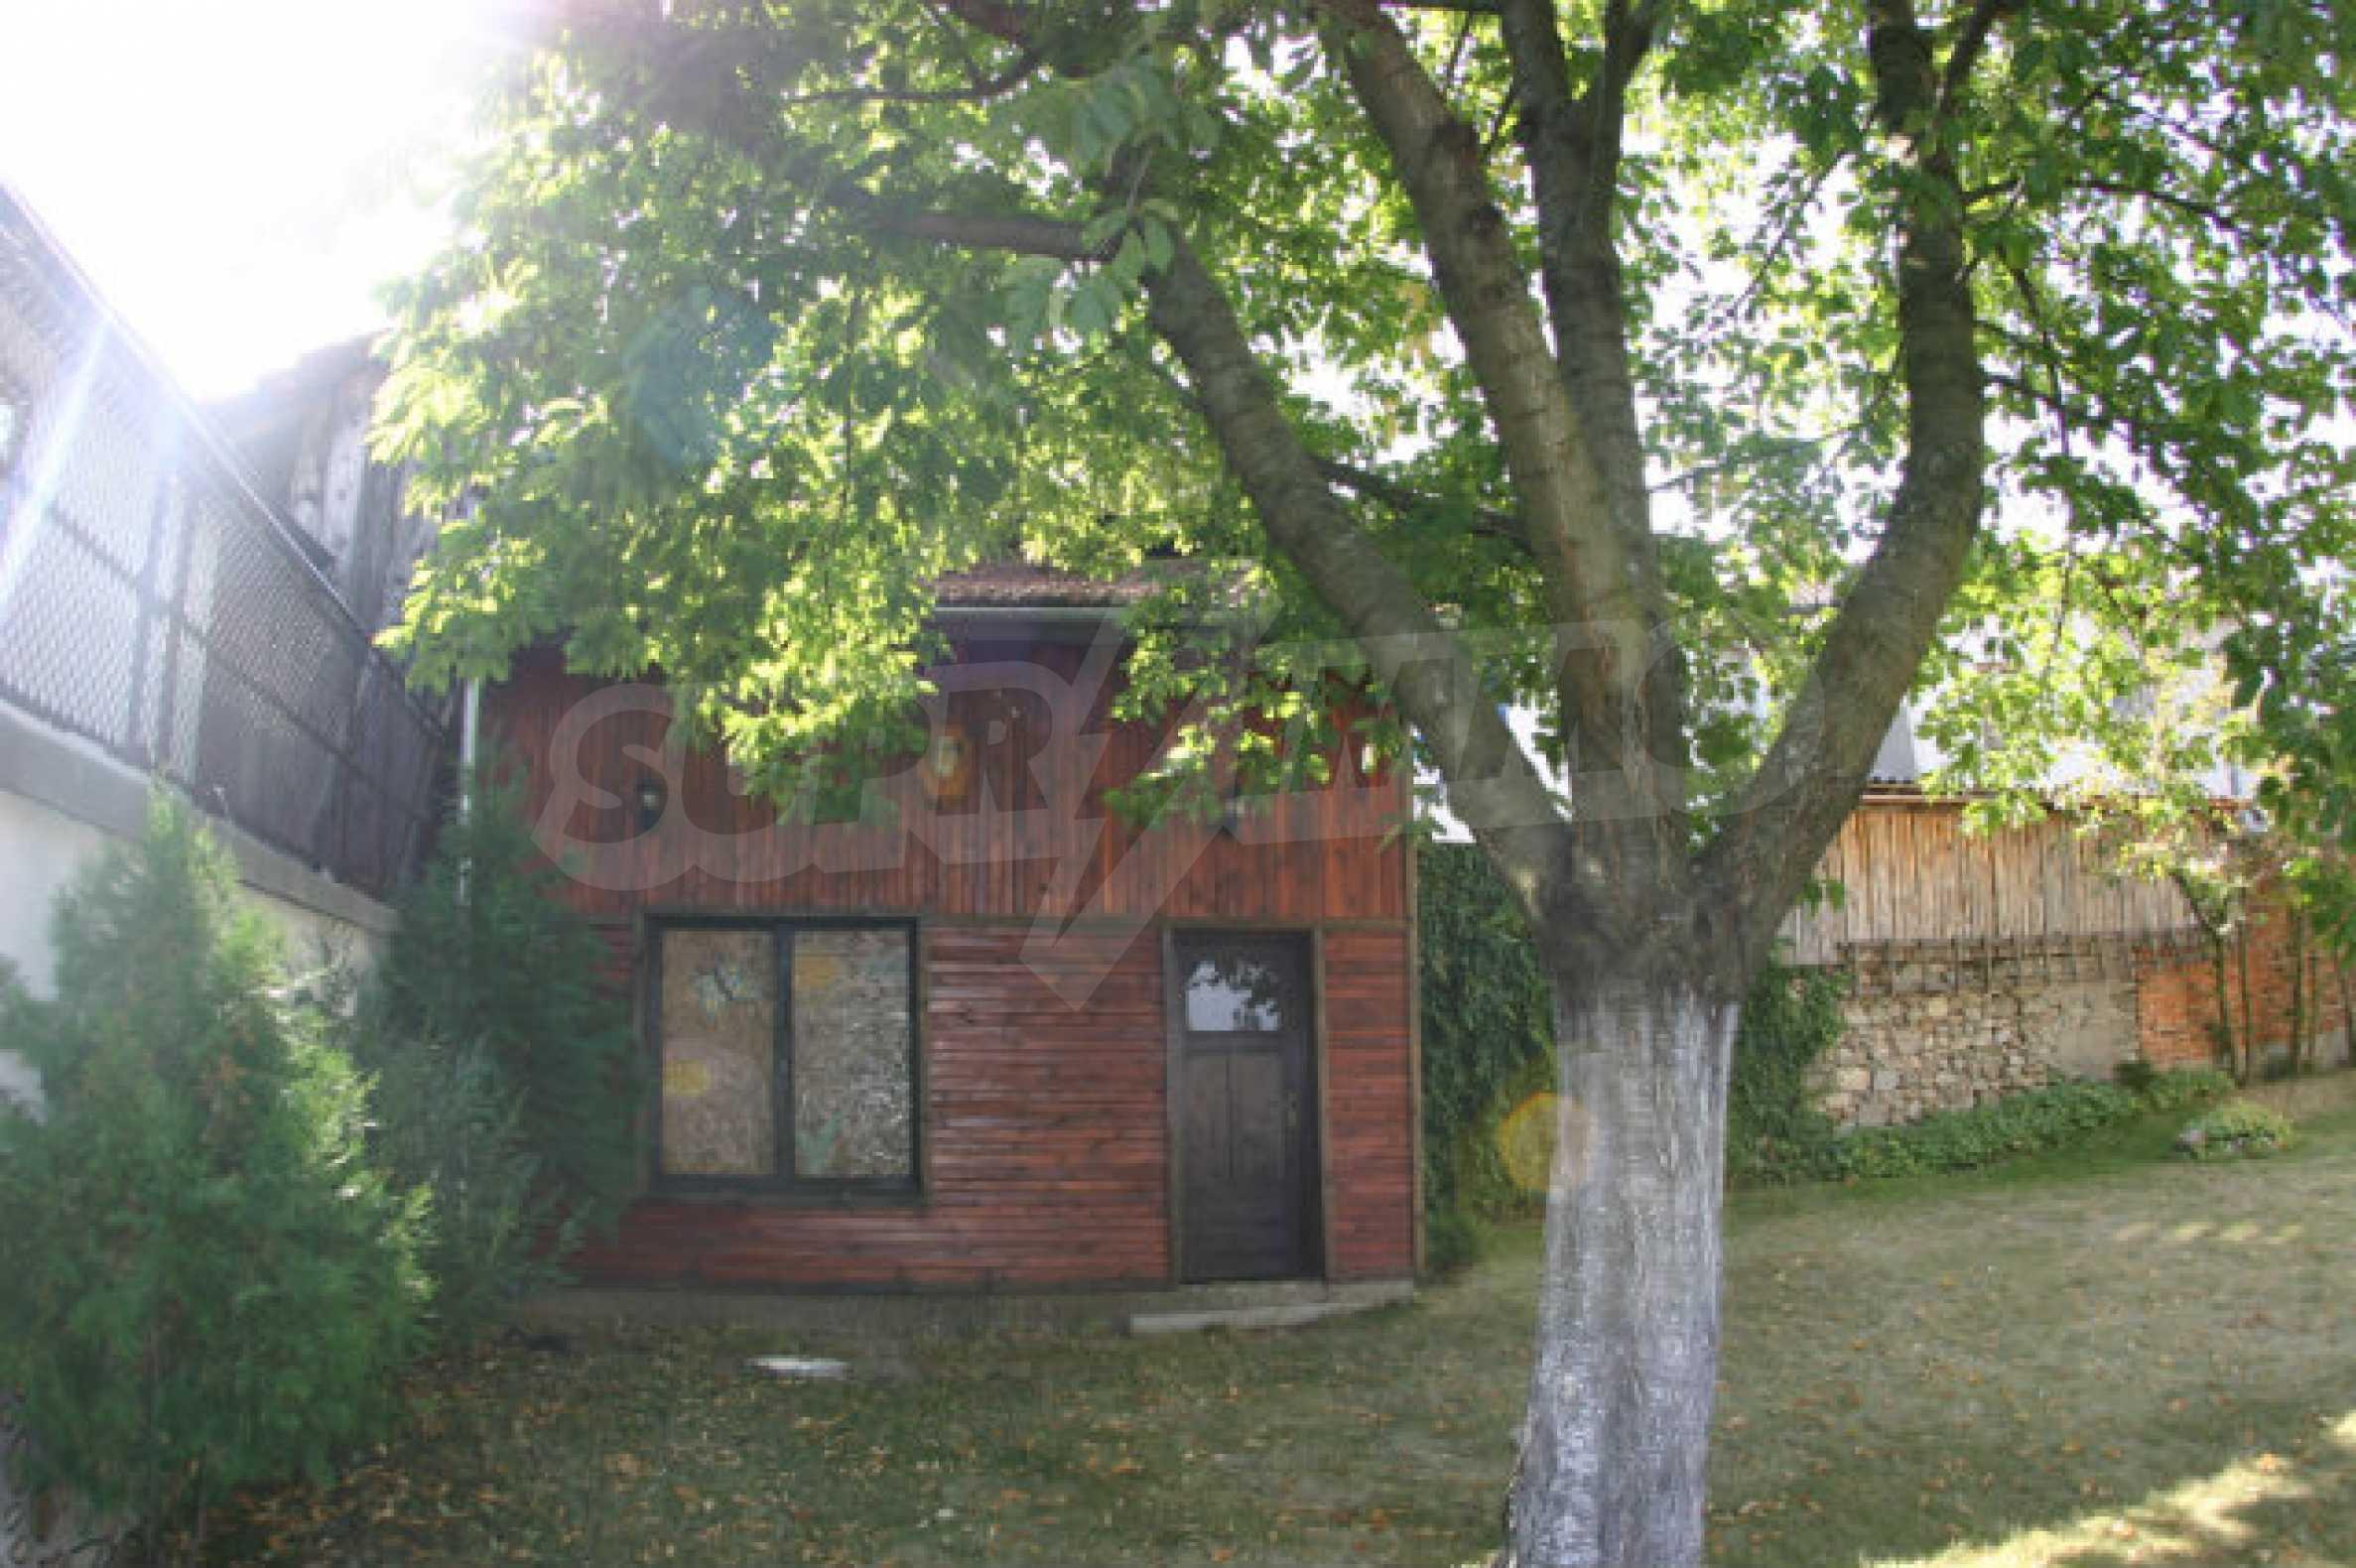 Familienhotel zum Verkauf in Dobrinischte, 6 km von Bansko entfernt 3